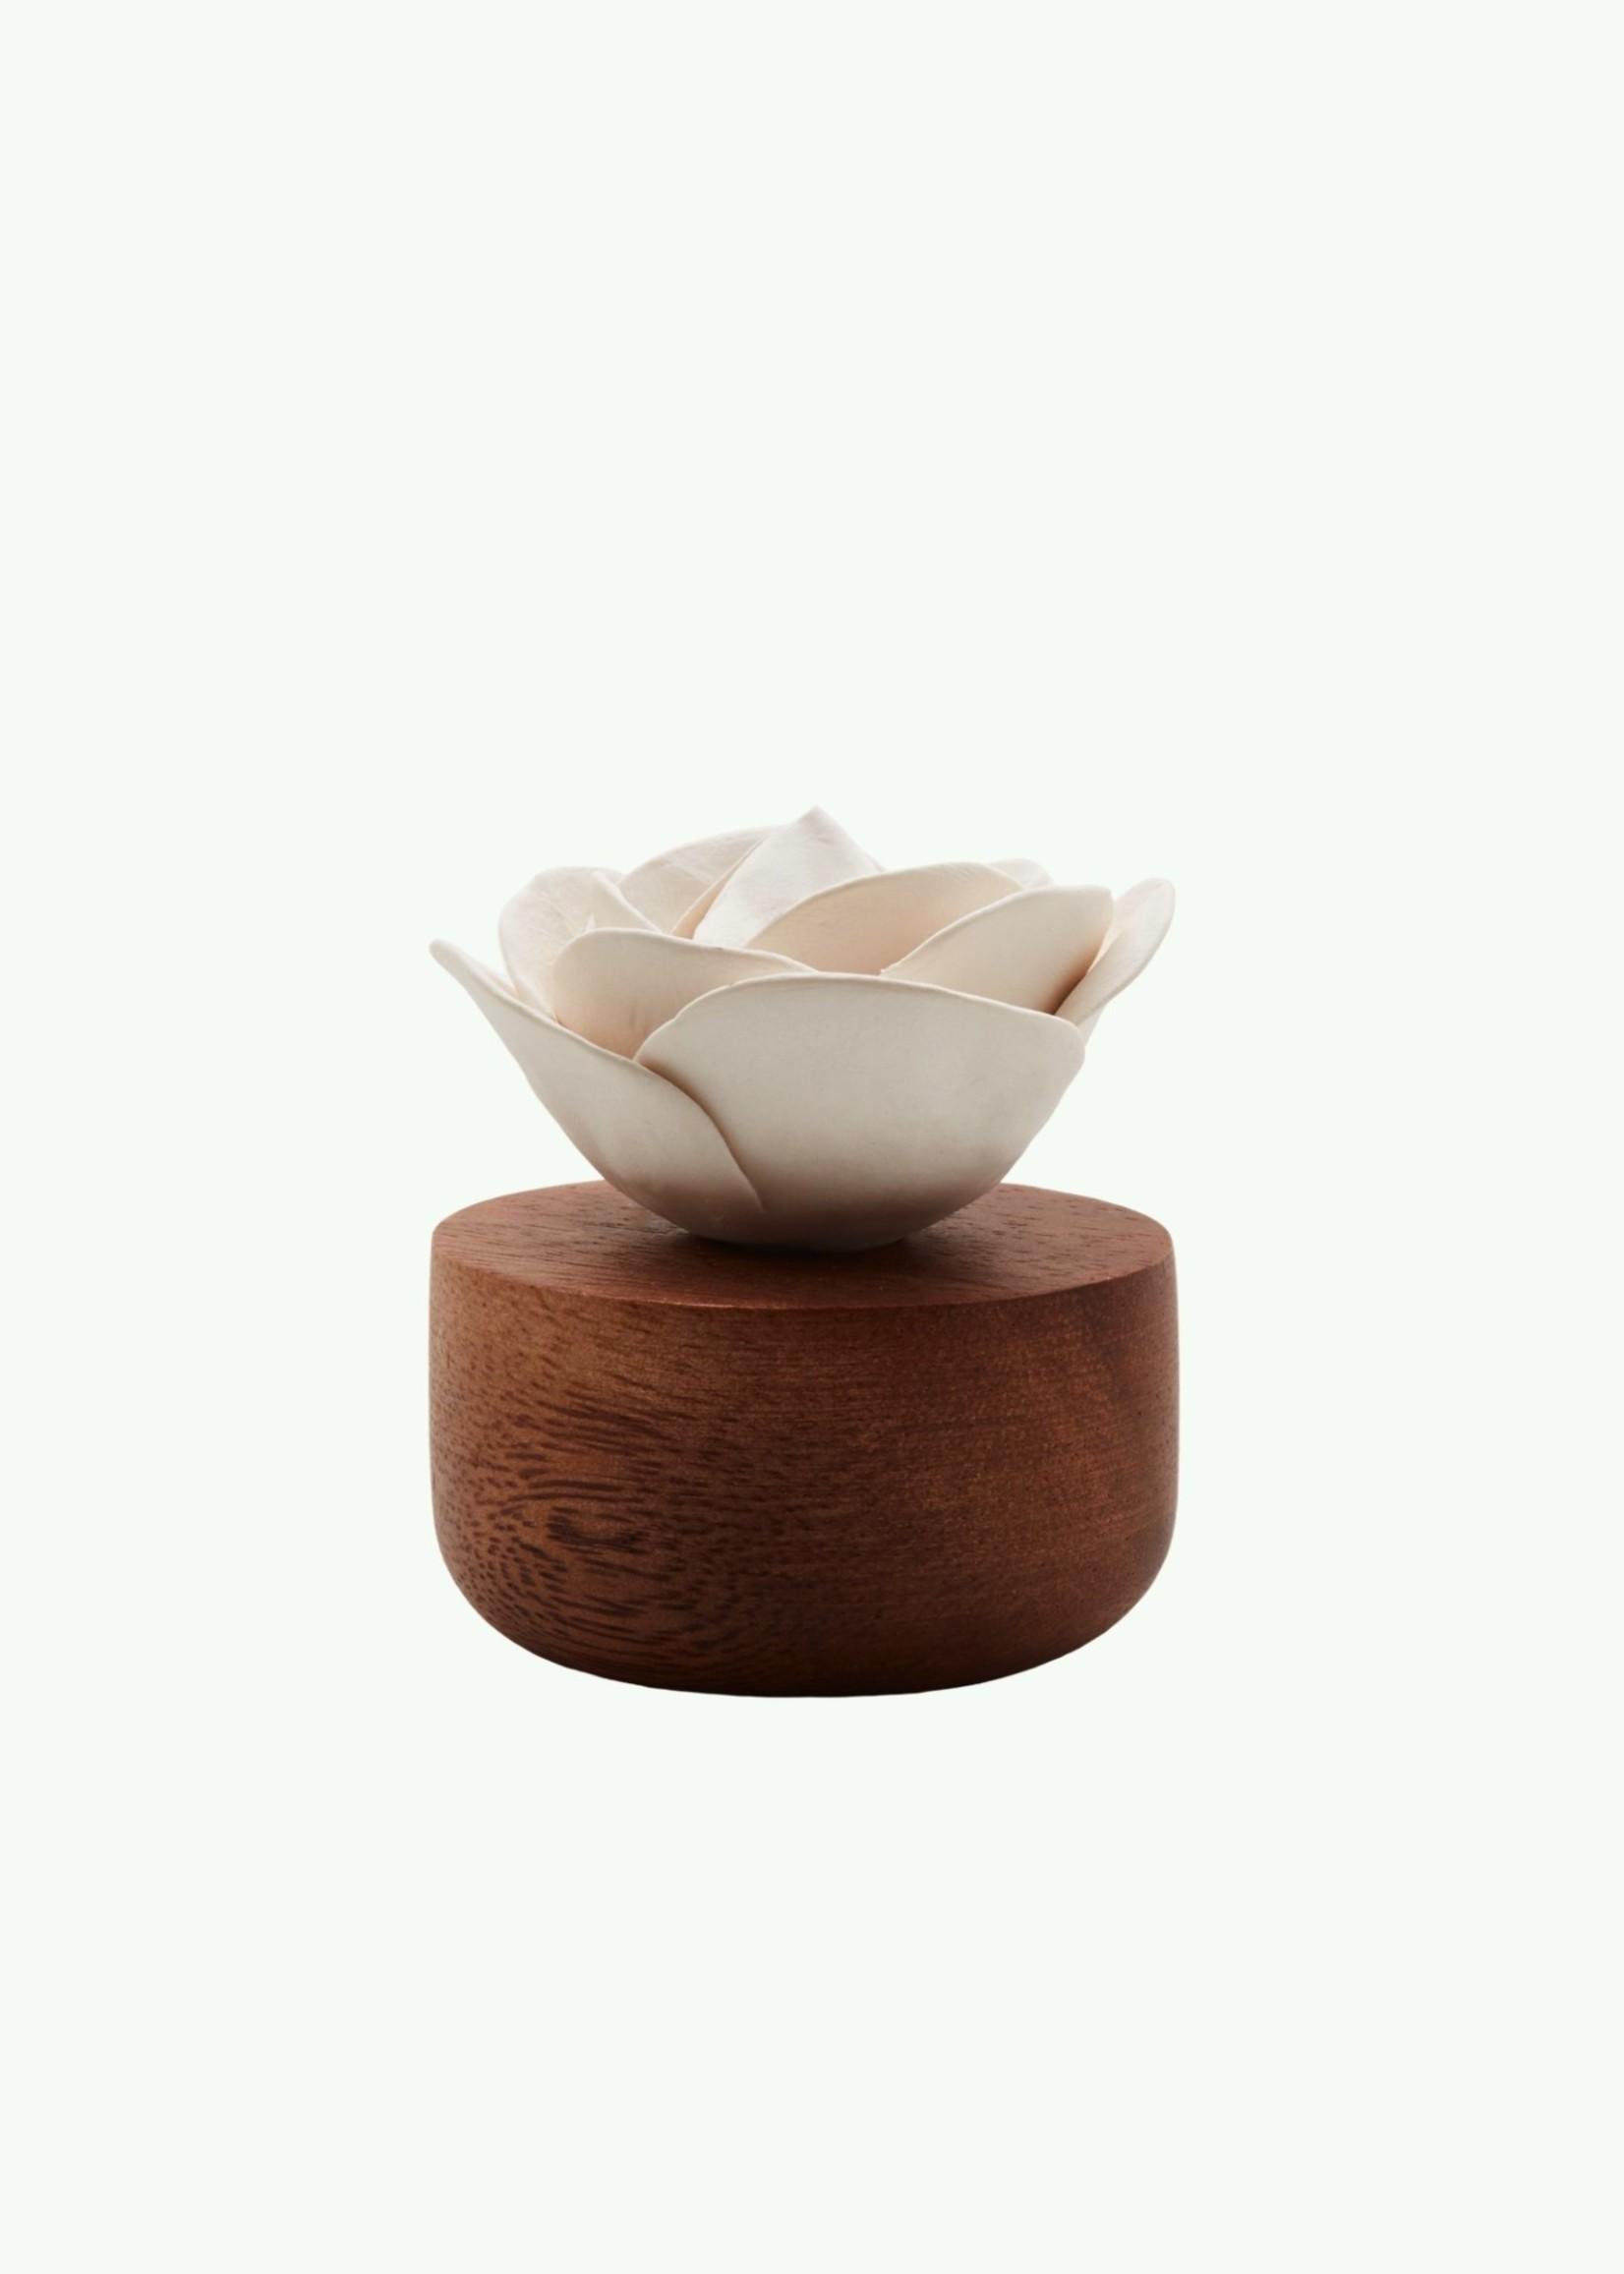 Anoq Anoq - Gardenia du Laos - Diffuseur de Parfum - 2 couleurs